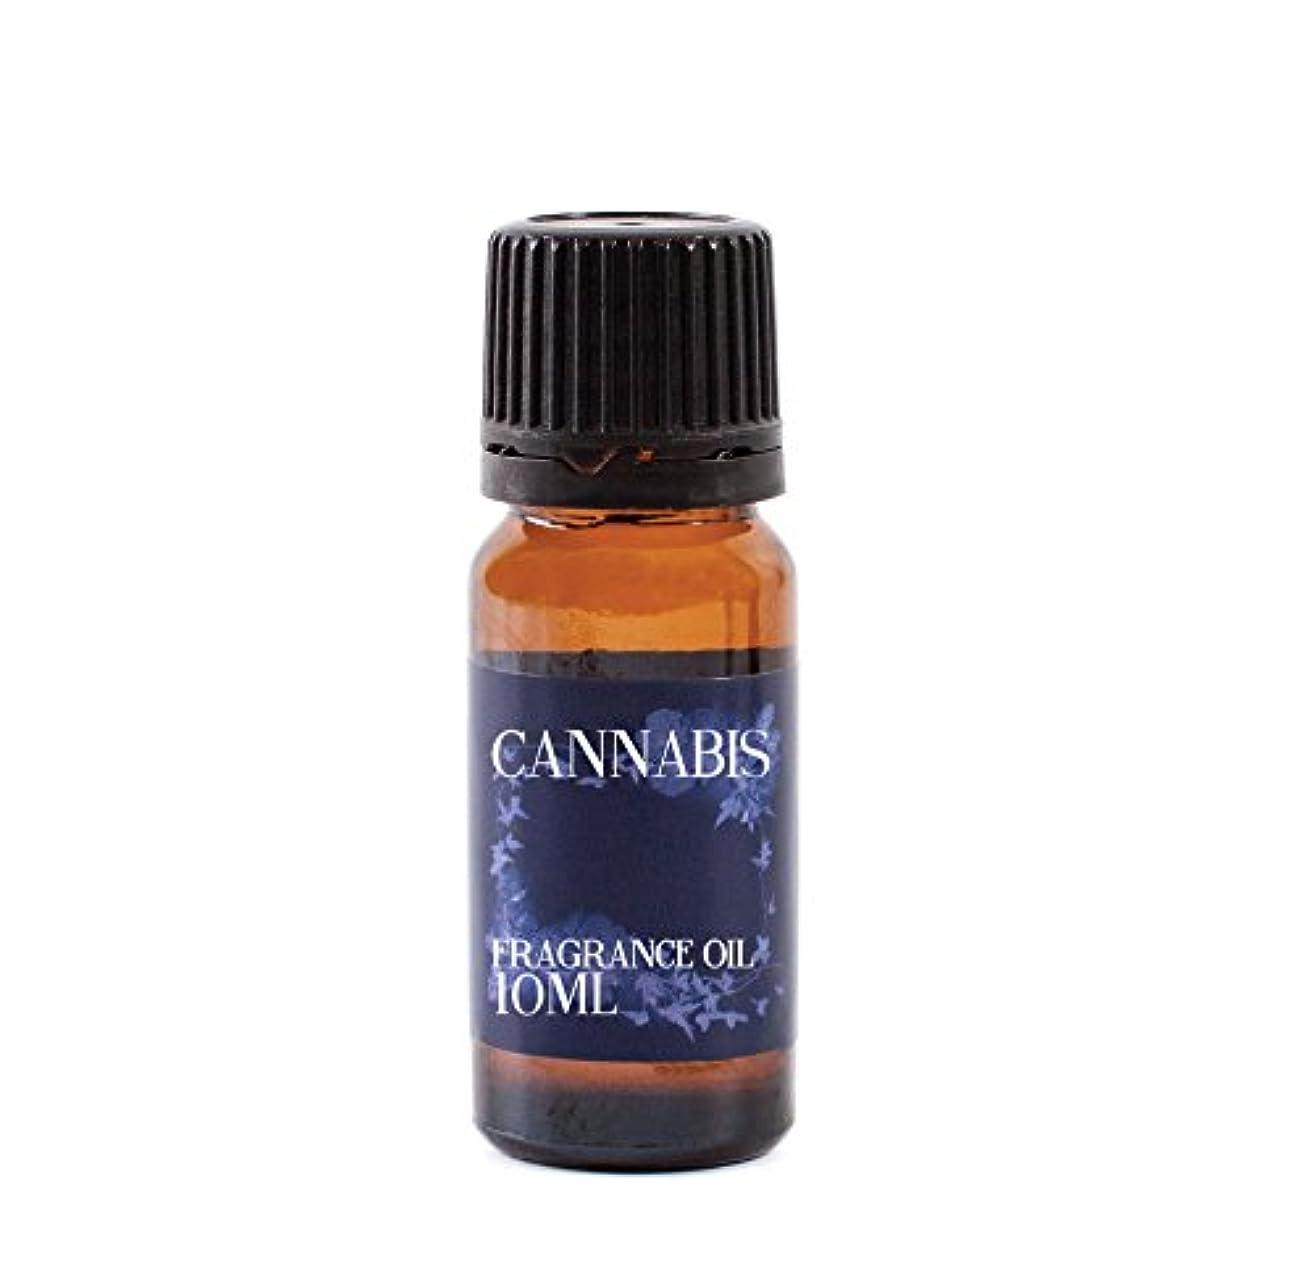 朝の体操をする効果送信するMystic Moments | Cannabis Fragrance Oil - 10ml